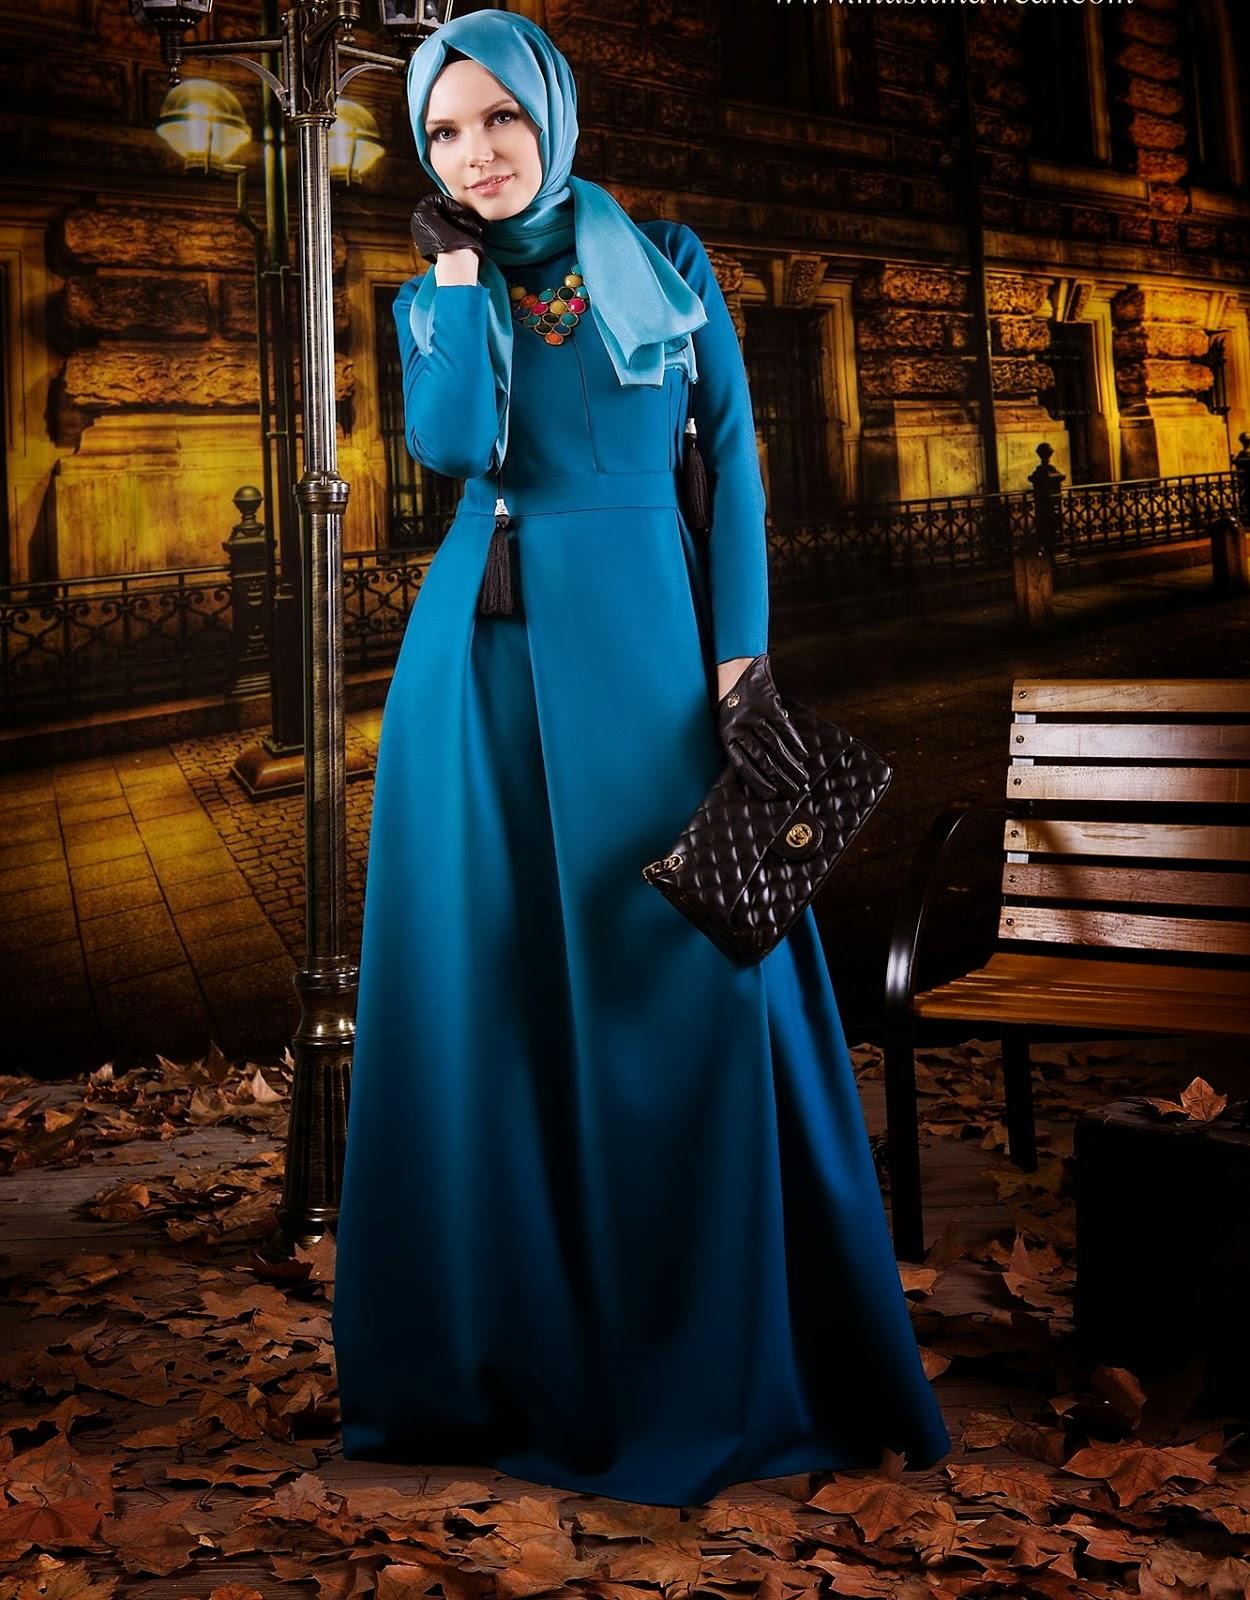 Muslima Tesett%C3%BCr+Giyim 2013 2014+Sonbahar Kis+Koleksiyonu 16 ucuz tesettür abiye modelleri,uzun abiye modelleri ve fiyatları,kapalı abiye modelleri genç,abiye modelleri ve fiyatları 2014,abiye elbiseler,abiye elbise modelleri ve fiyatları,genç kız abiye modelleri ve fiyatları,2015 abiye